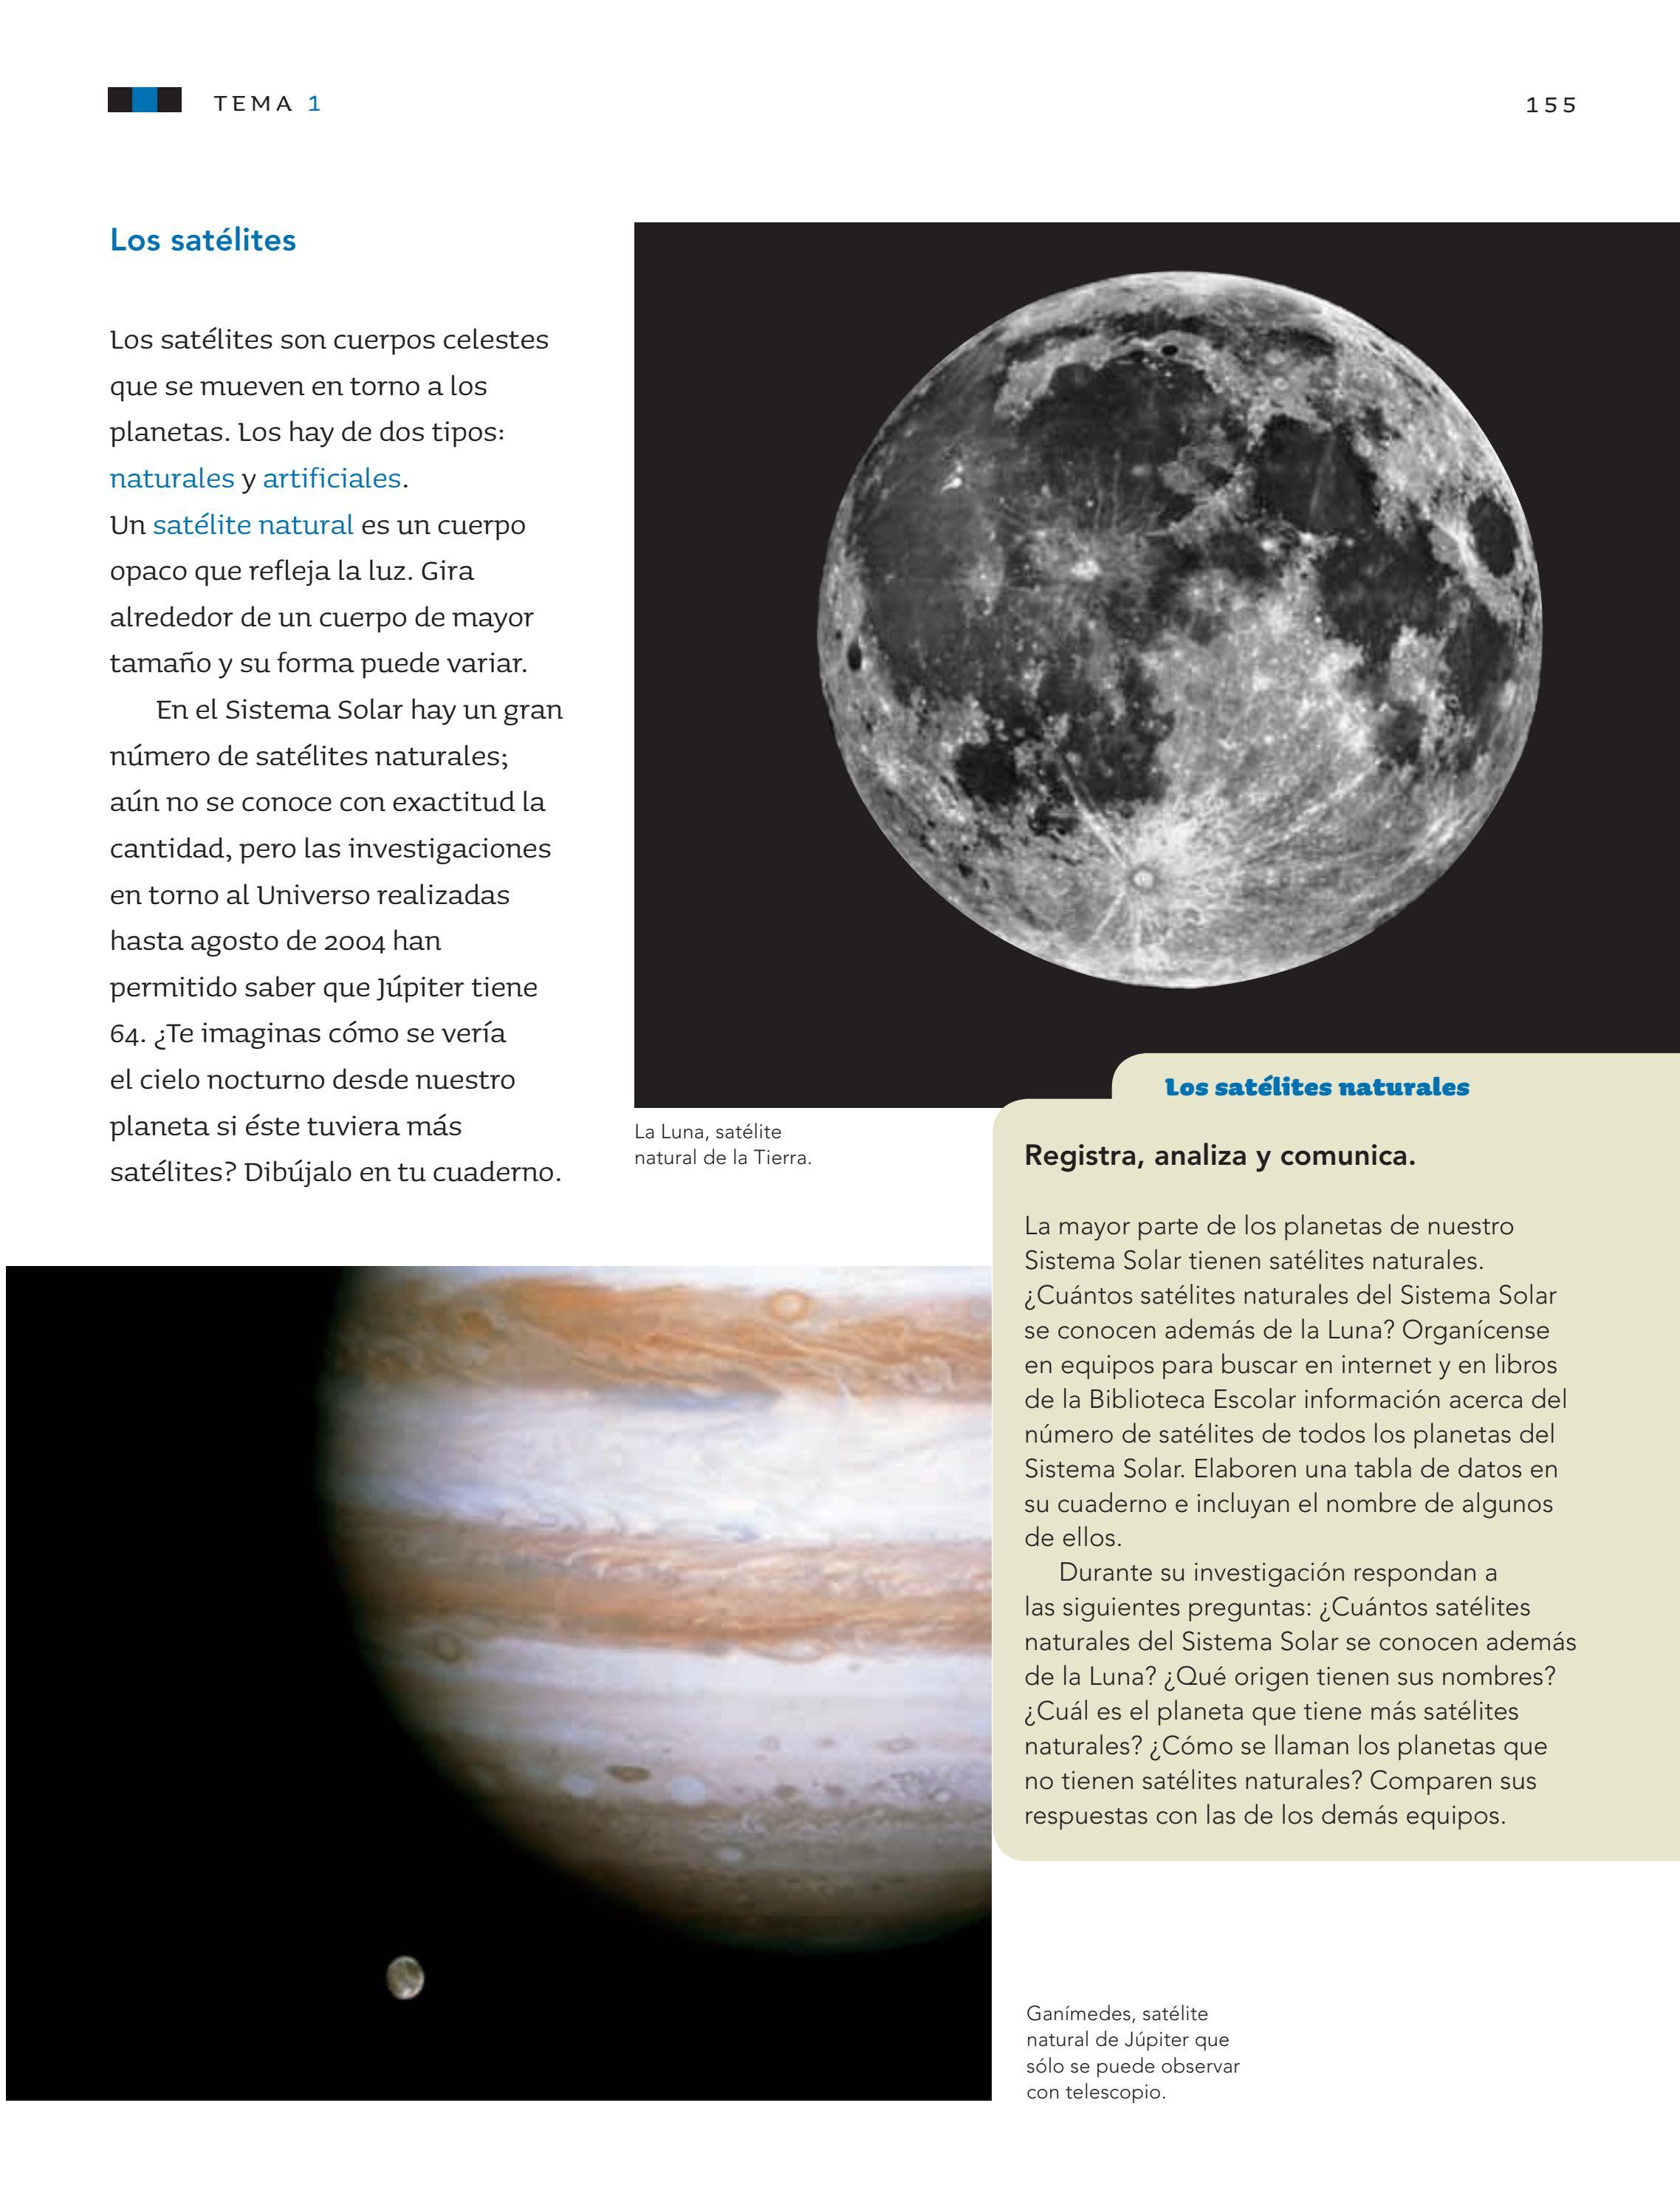 Ciencias Naturales 6to. Grado. by Rarámuri - Issuu